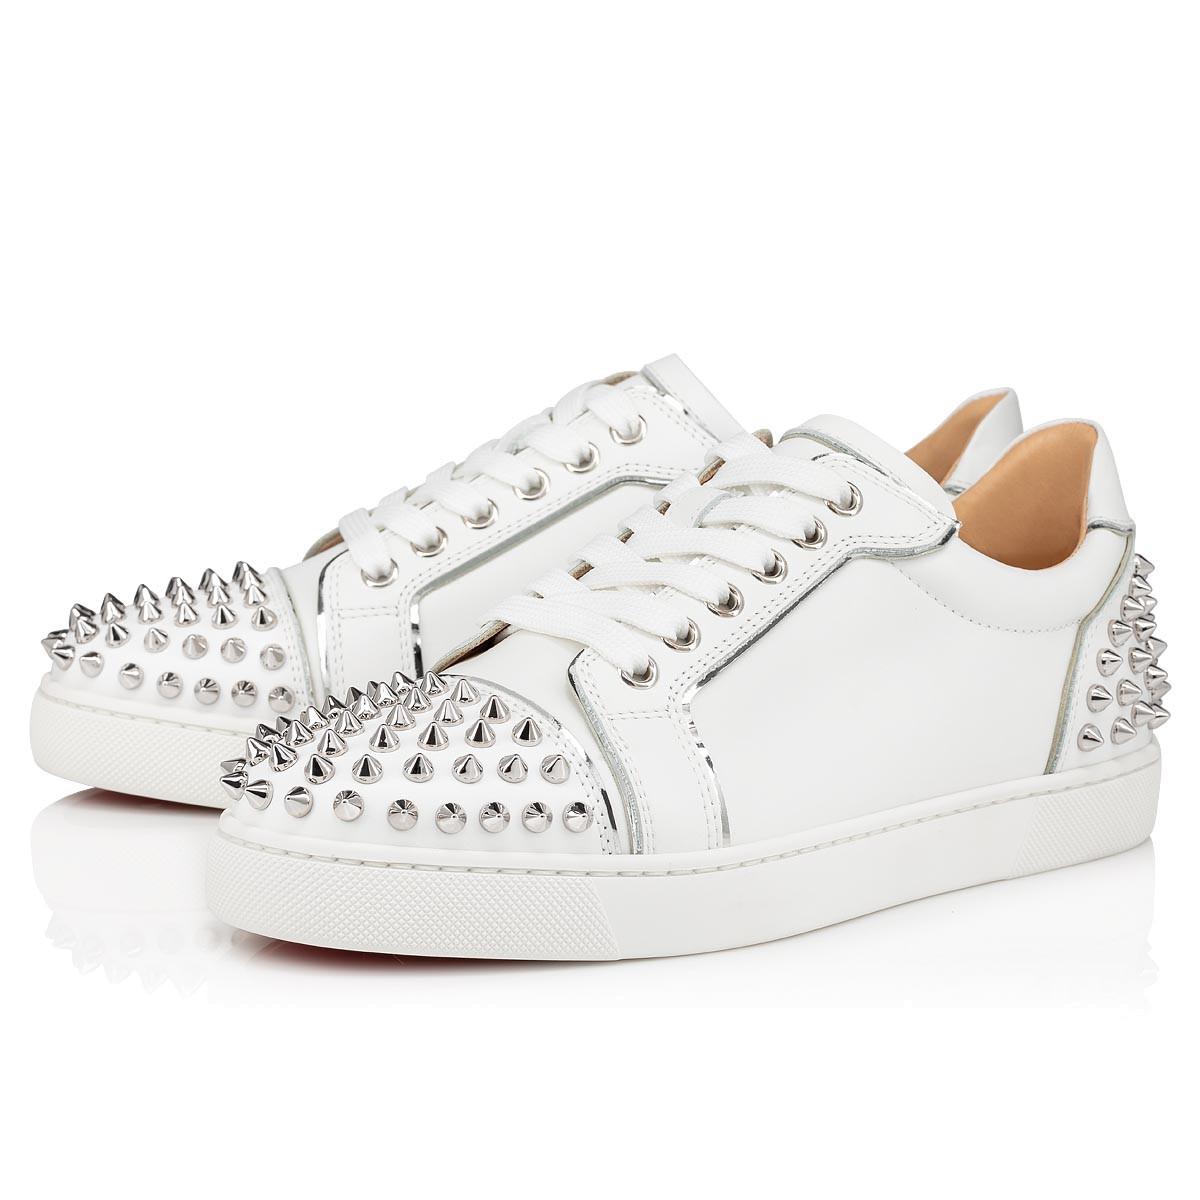 Shoes - Vieira 2 - Christian Louboutin